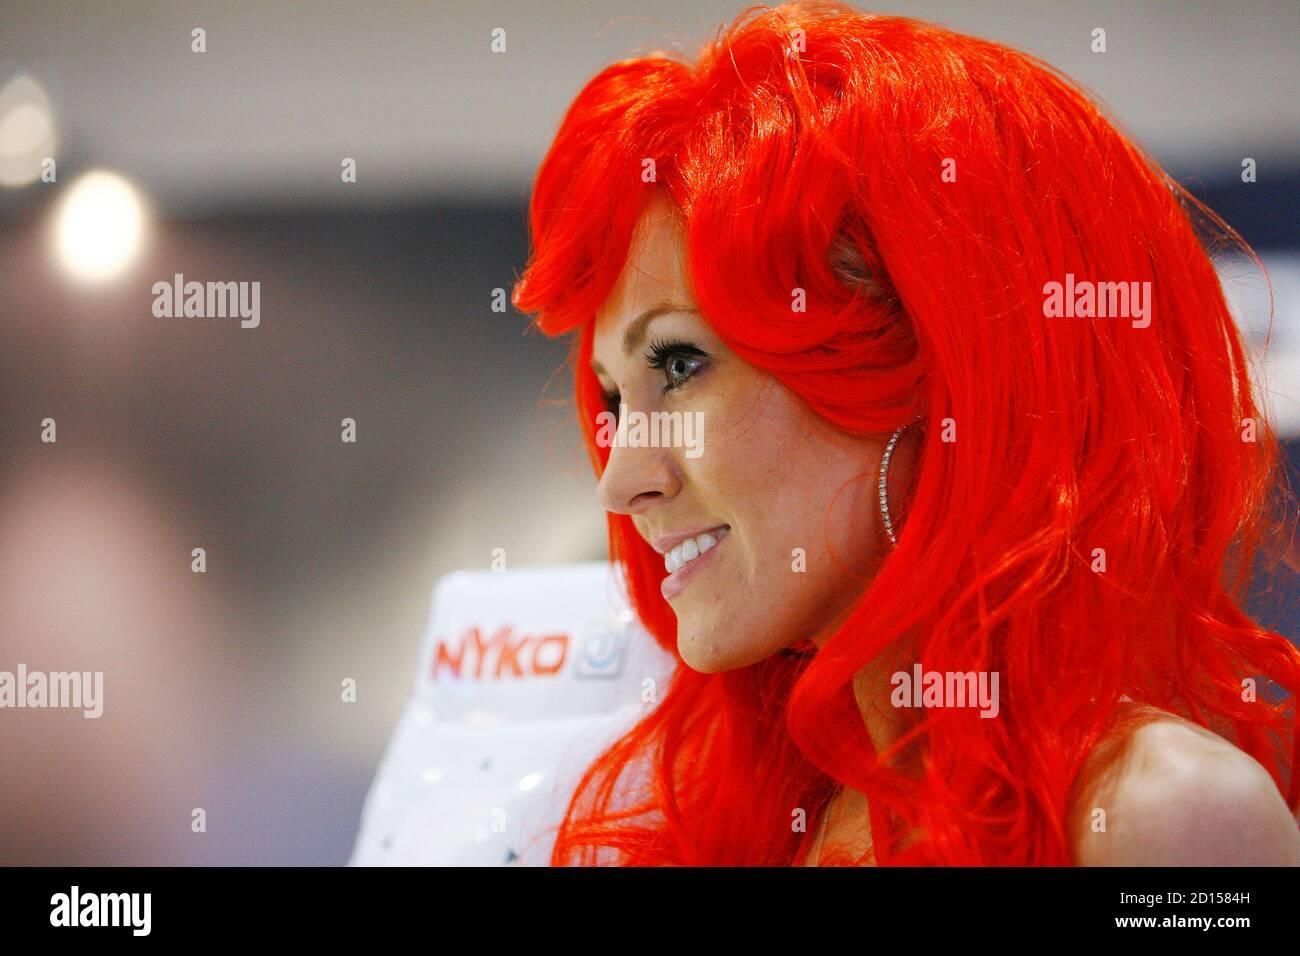 La hostess Kimberly Pfeffer di Nyko Technologies si trova presso il proprio stand durante l'Electronic Entertainment Expo o l'E3 di Los Angeles il 2 giugno 2009. La convention si terrà dal 2 al 4 giugno. REUTERS/Mario Anzuoni (ATTIVITÀ DI INTRATTENIMENTO NEGLI STATI UNITI) Foto Stock